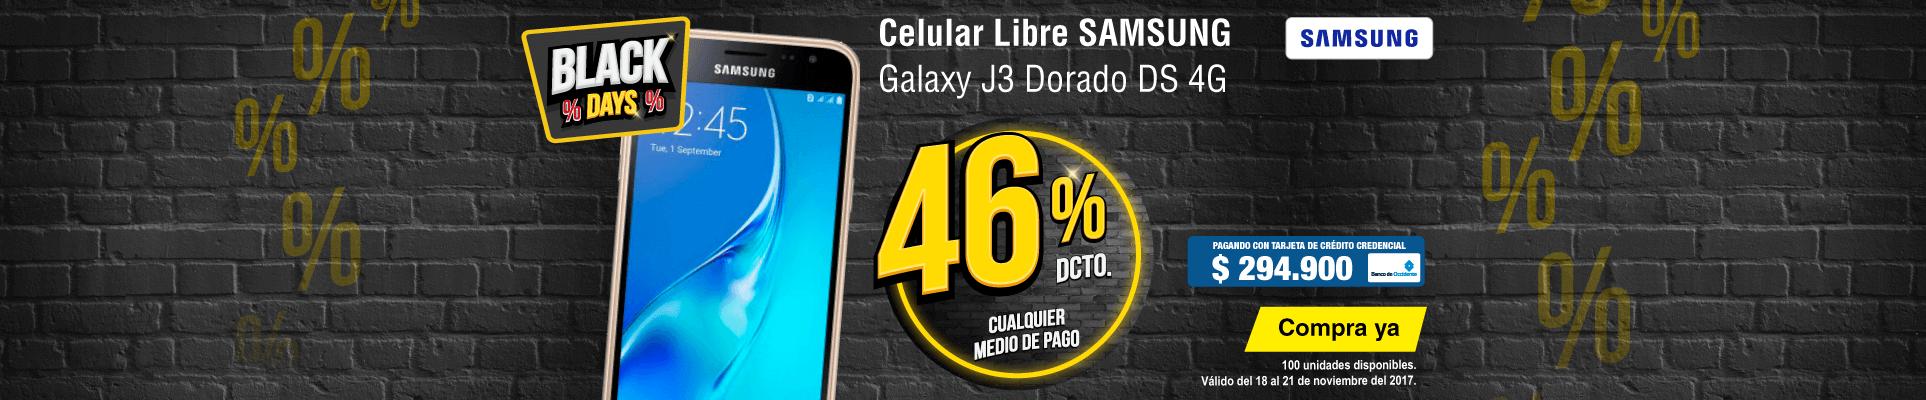 PPAL ALKP-4-celulares-Celular Libre SAMSUNG Galaxy J3 Dorado DS 4G-prod-noviembre18-21-MARCAS